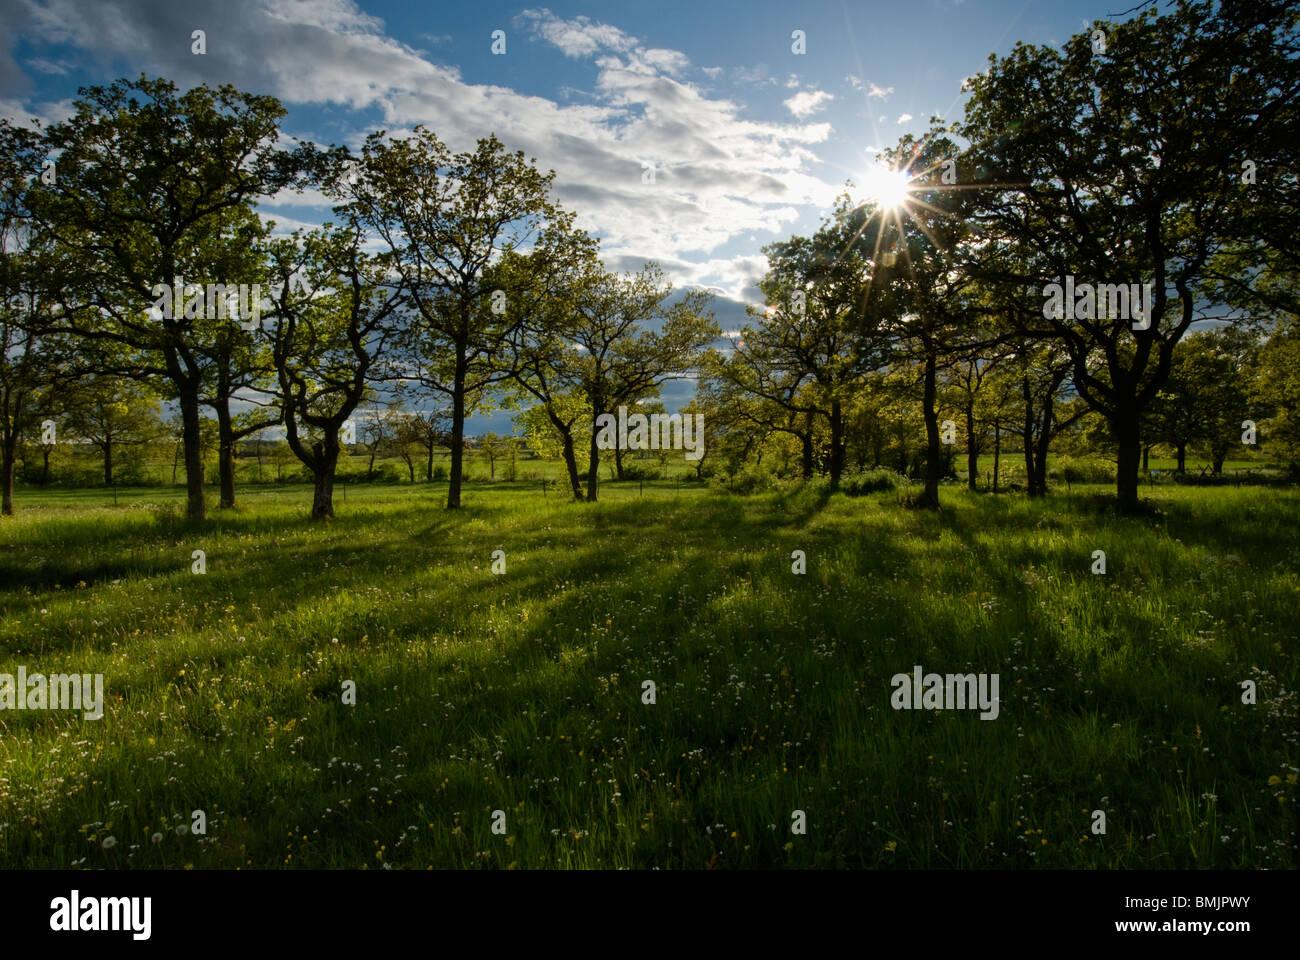 La Scandinavia, Svezia, Oland, vista di alberi di quercia in orizzontale Immagini Stock